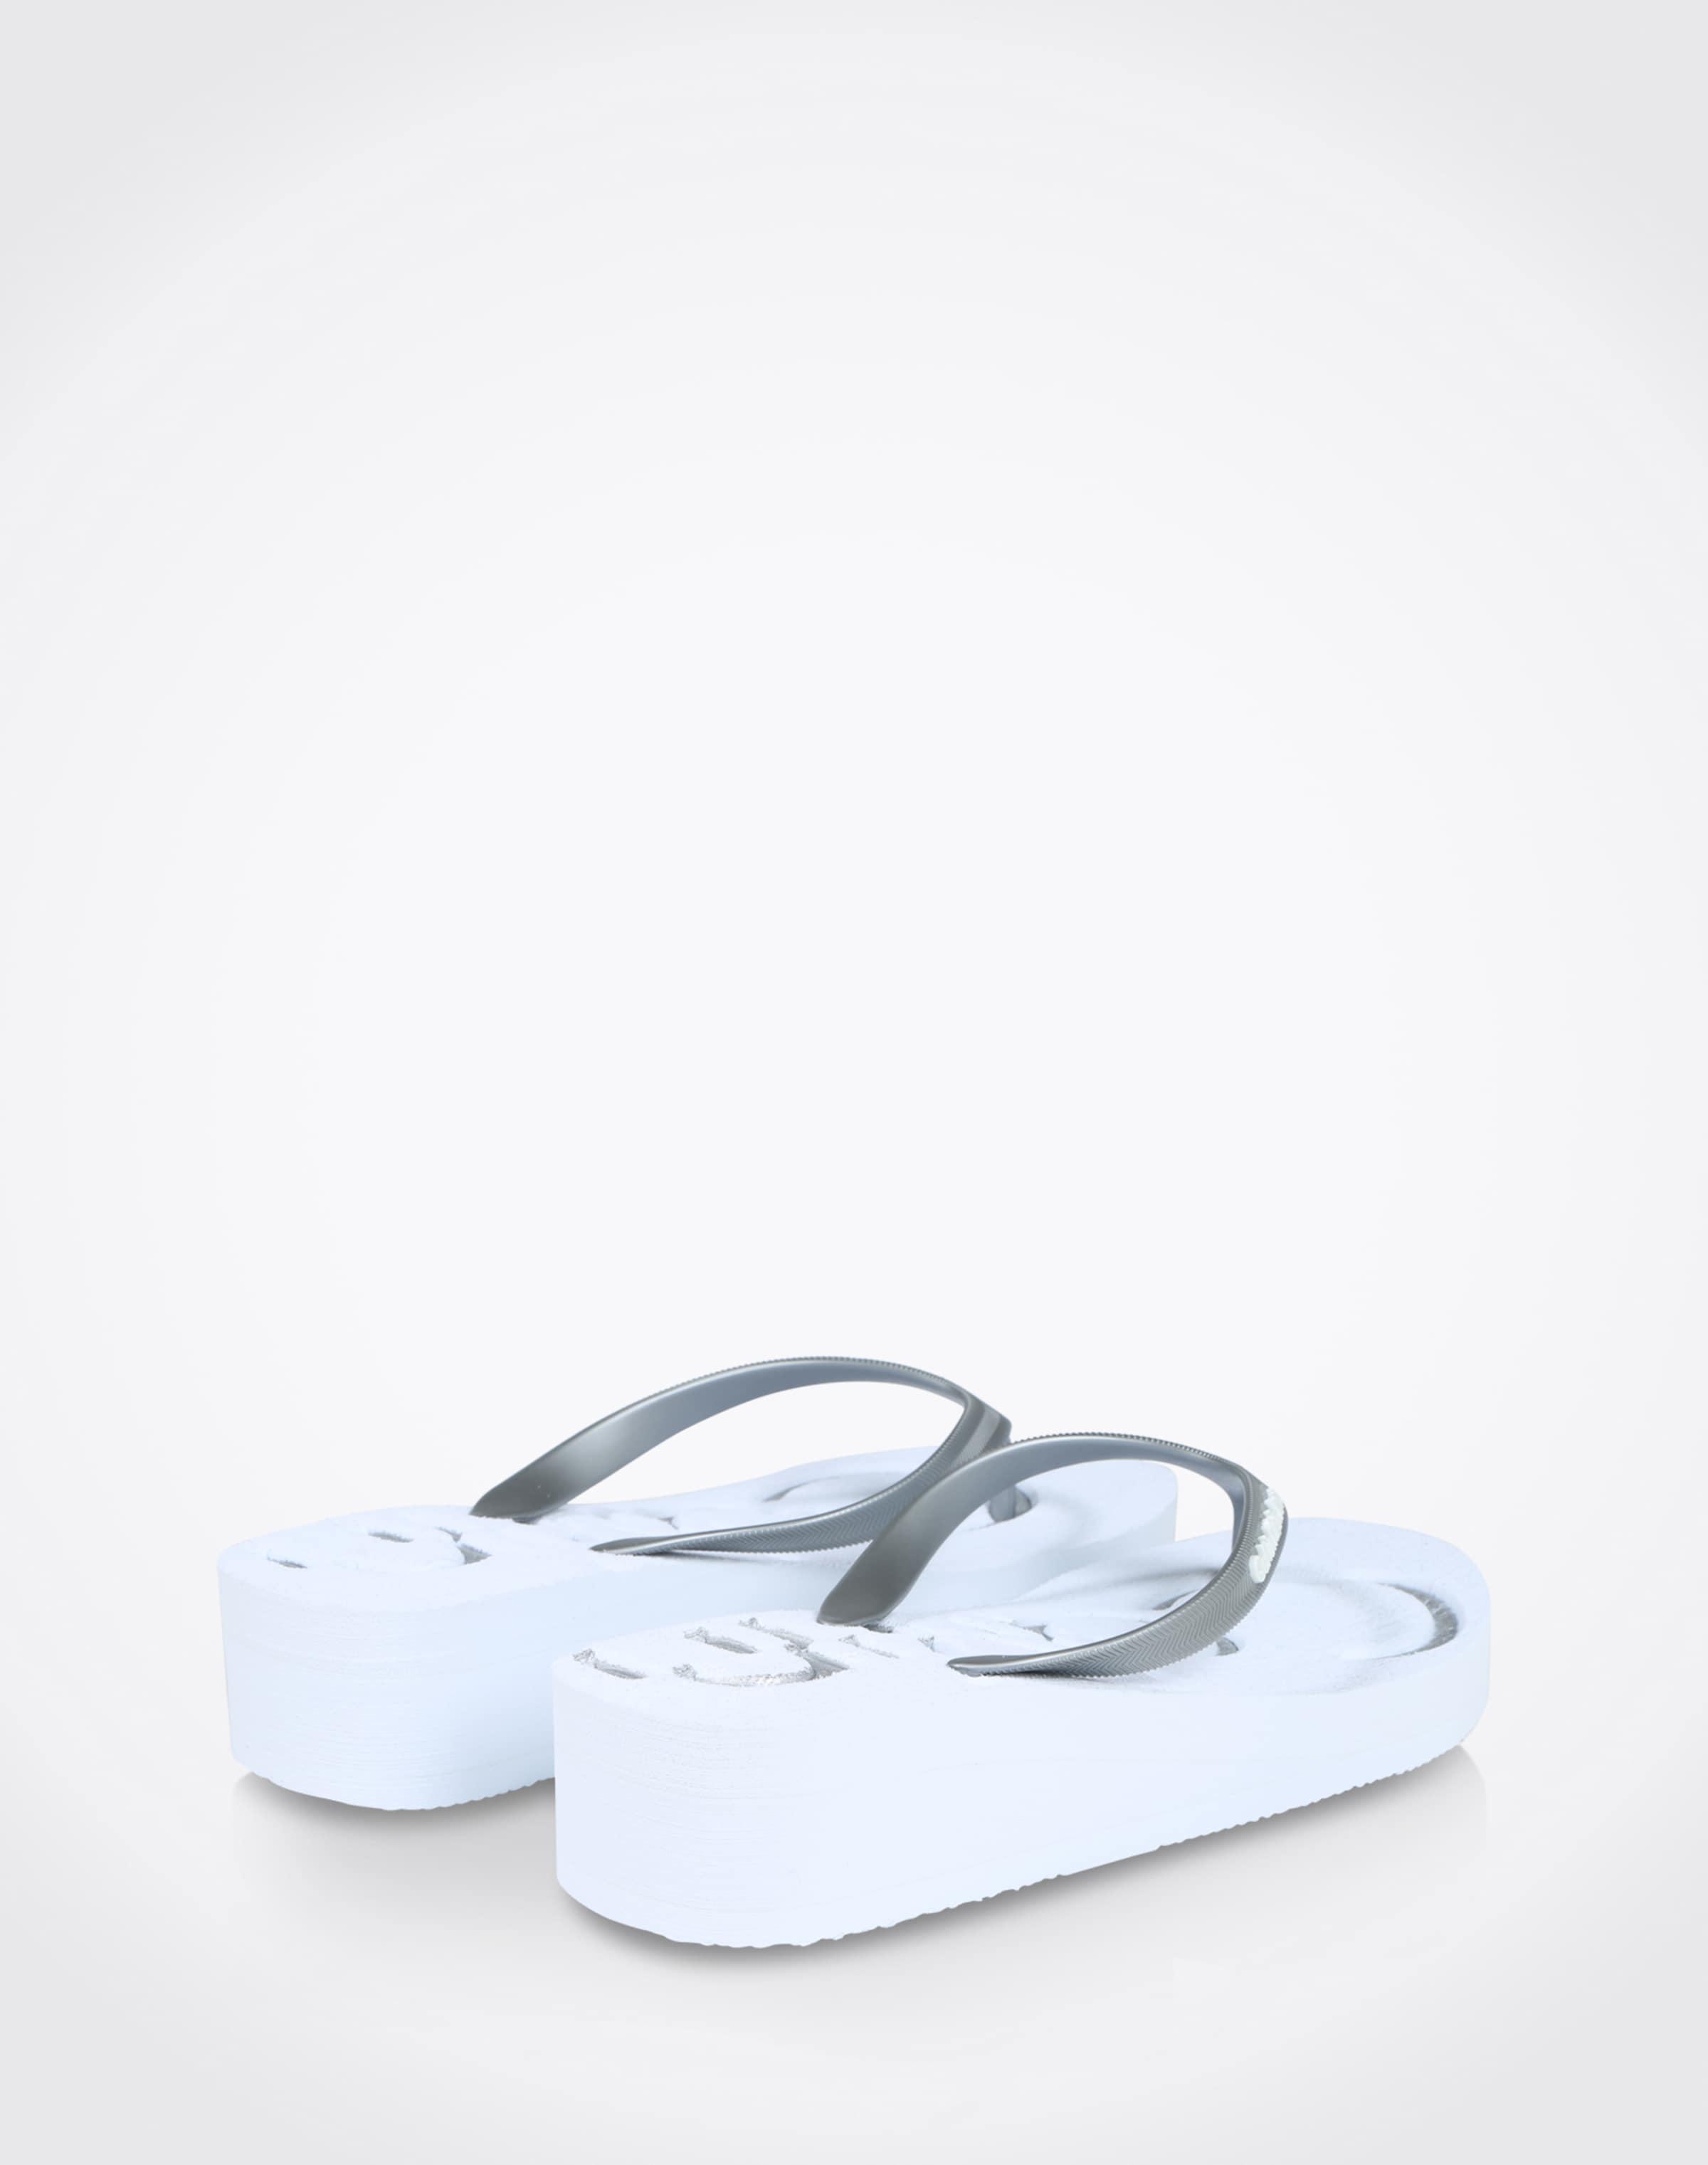 Calvin Klein Jeans Zehentrenner Einen Günstigen Preis Kaufen Neueste Grenze Angebot Billig Neu 9swf5U1